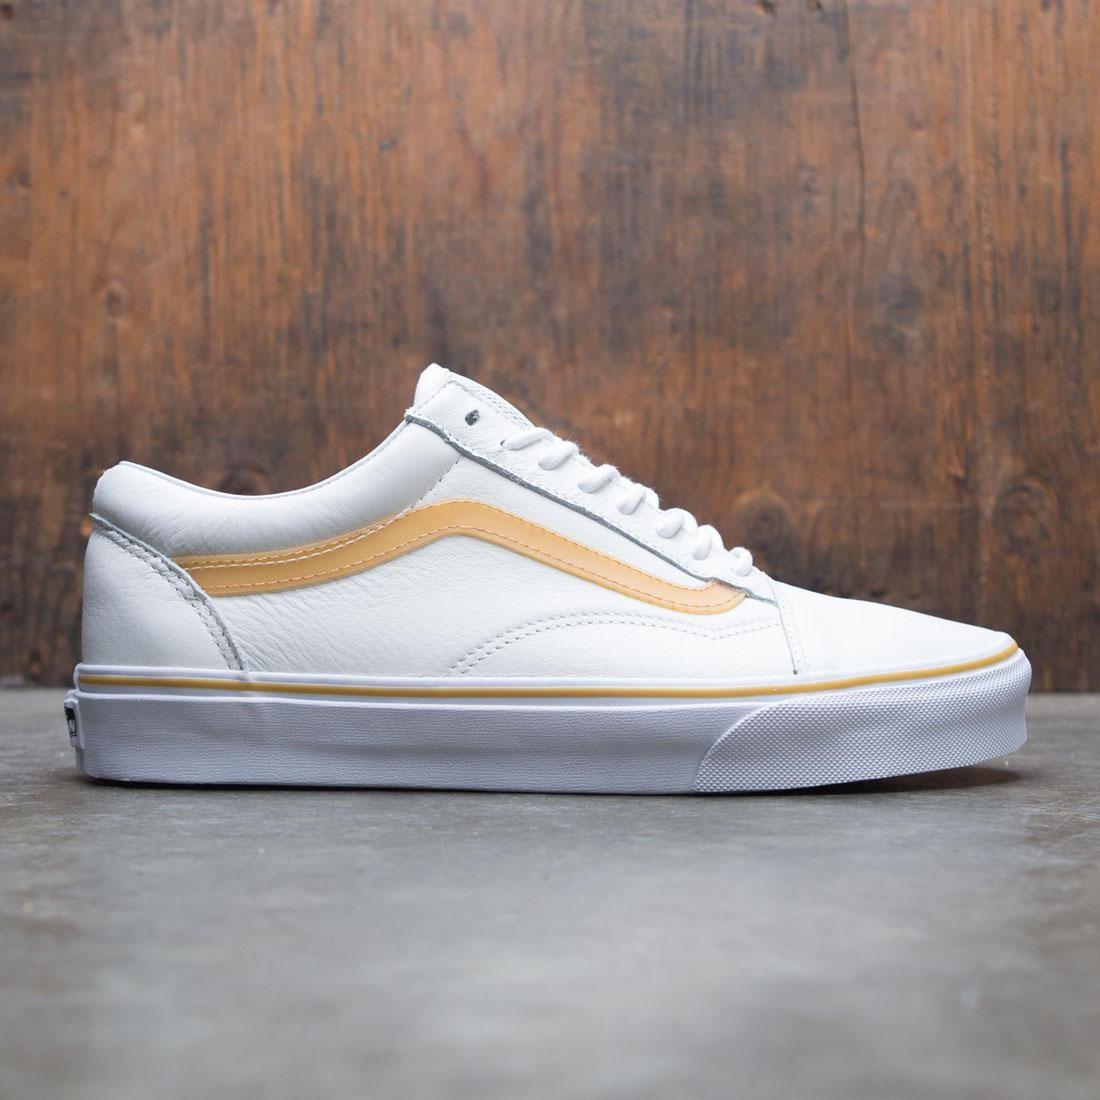 Vans Men Old Skool - Neoprene (white / yellow)